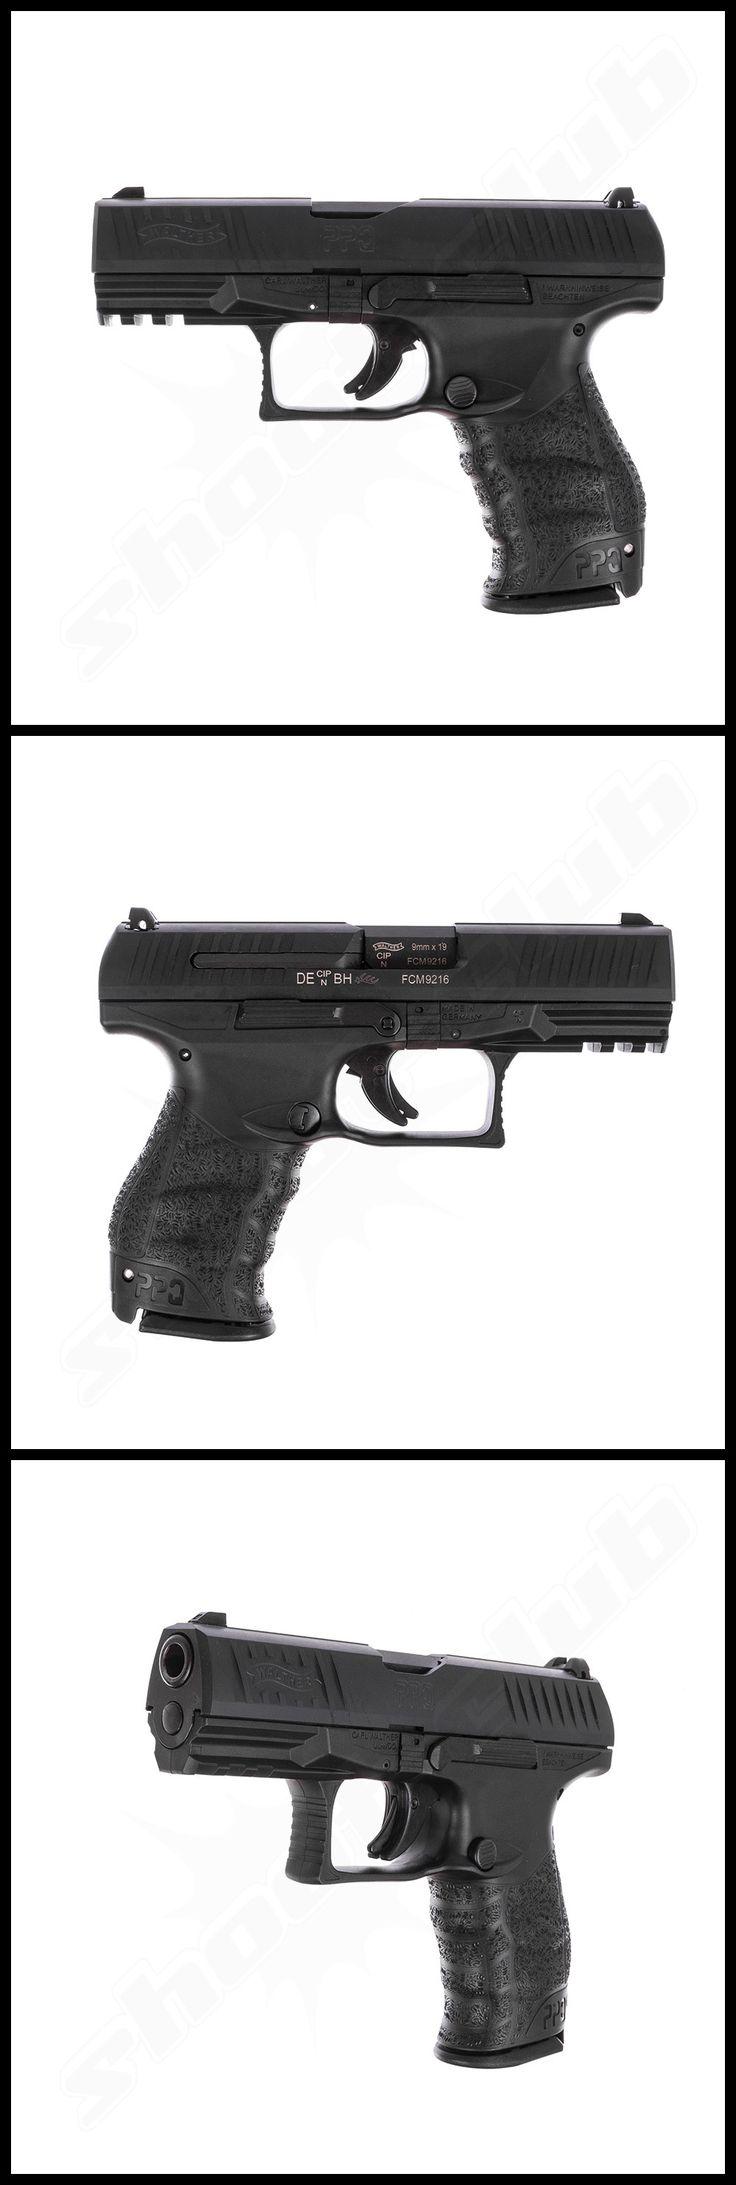 Walther PPQ M2 Selbstlade Pistole, 4 Zoll Kal. 9x19mm    - weitere Informationen und Produkte findet Ihr auf www.shoot-club.de -    #shootclub #pistol #pistole #guns  #9mm